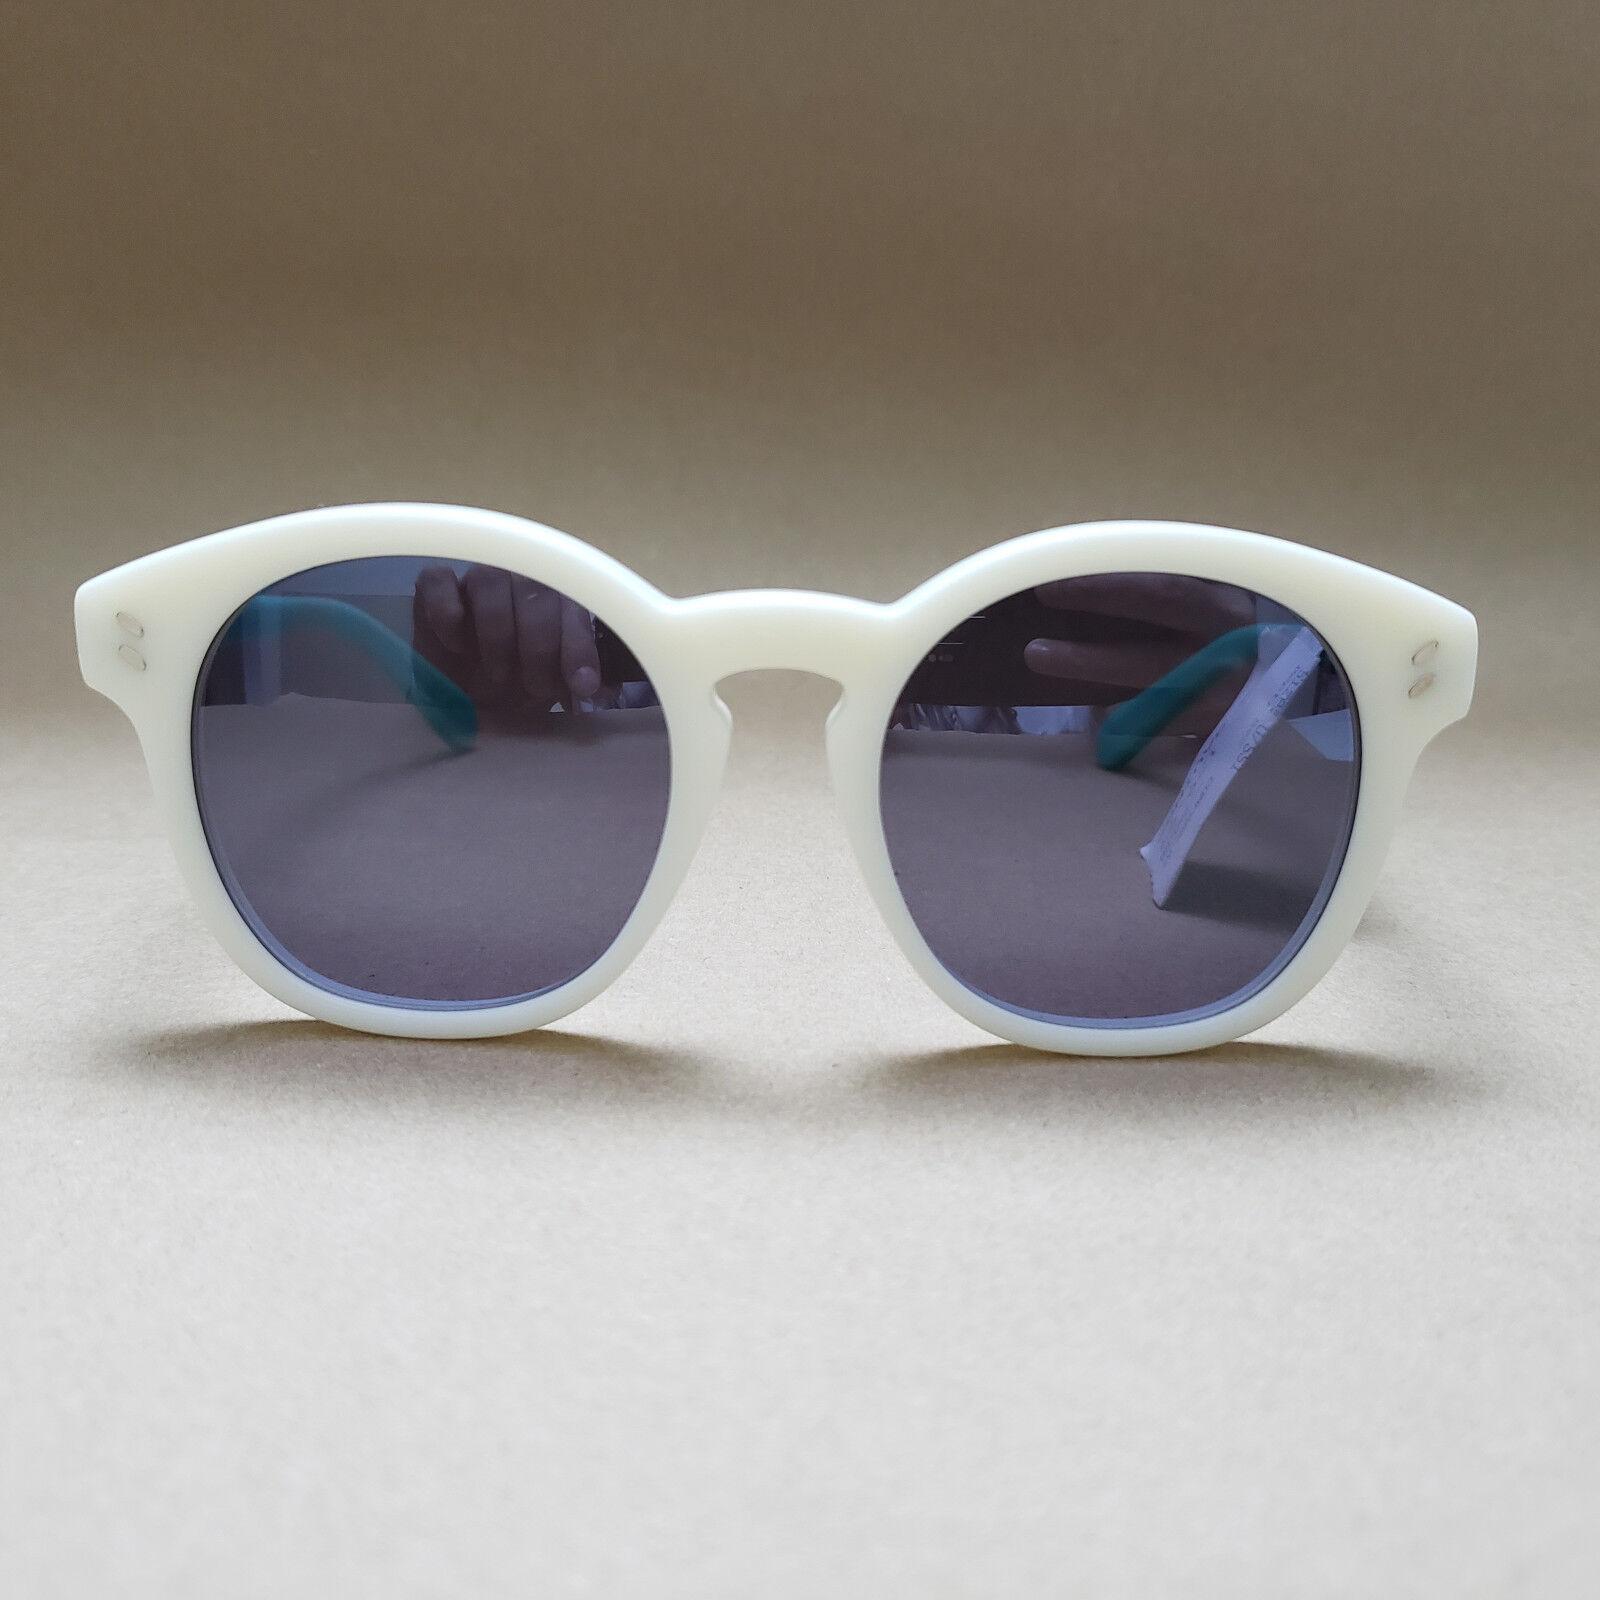 Stella Mccartney Sc0013s DAMEN Creme Weiß Sonnenbrille 50-20-140       Vorzugspreis    Elegantes und robustes Menü    Qualitativ Hochwertiges Produkt